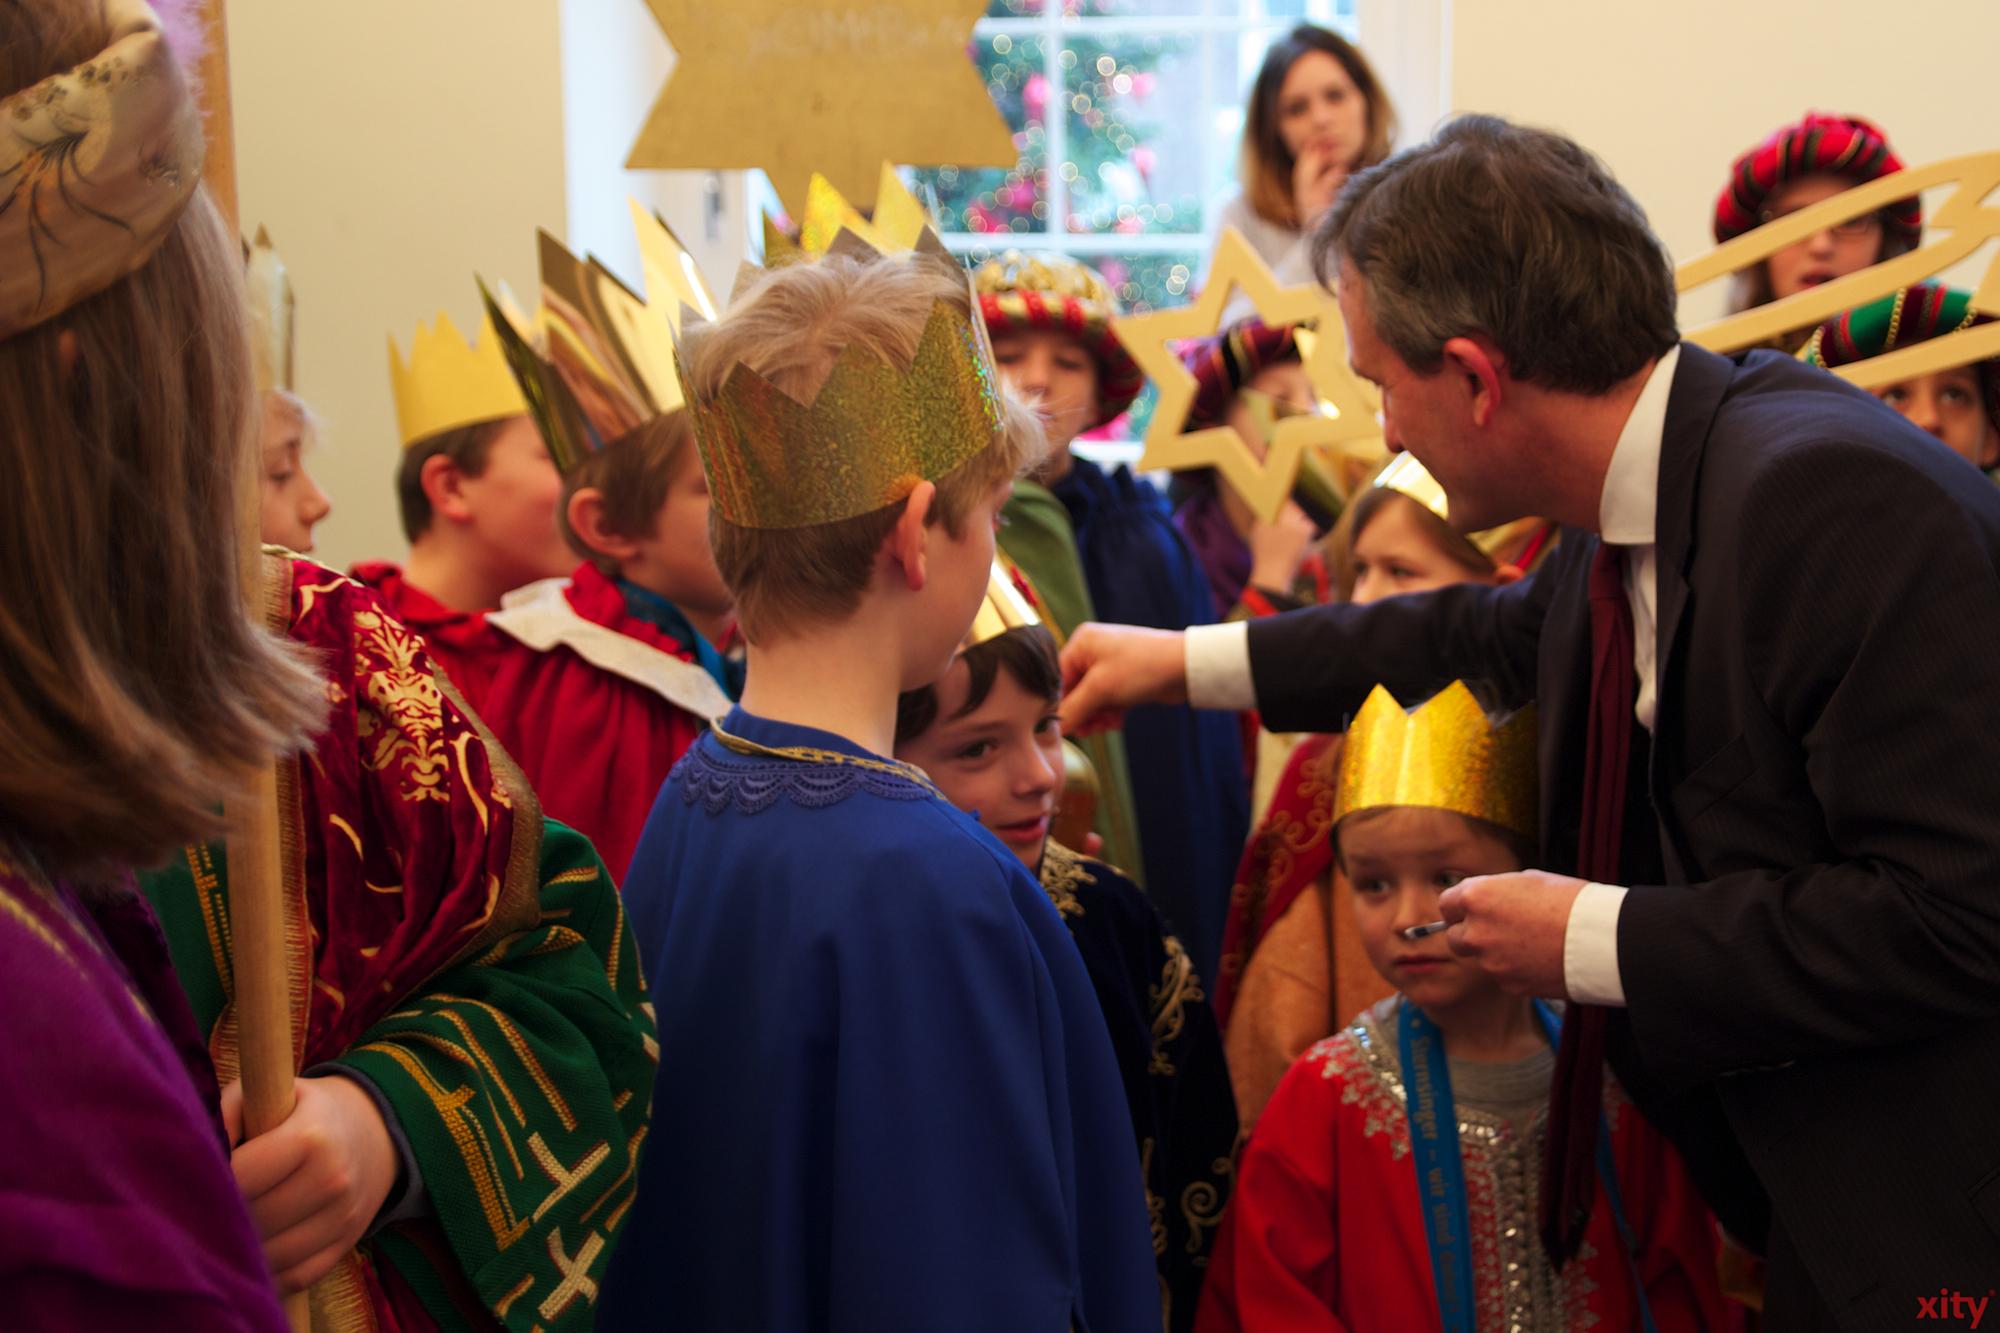 Der Oberbürgermeister, der im Anschluss seinen Obolus in die Sammeldosen steckte, bedankte sich für die Hilfsbereitschaft und das Engagement (Foto: xity)